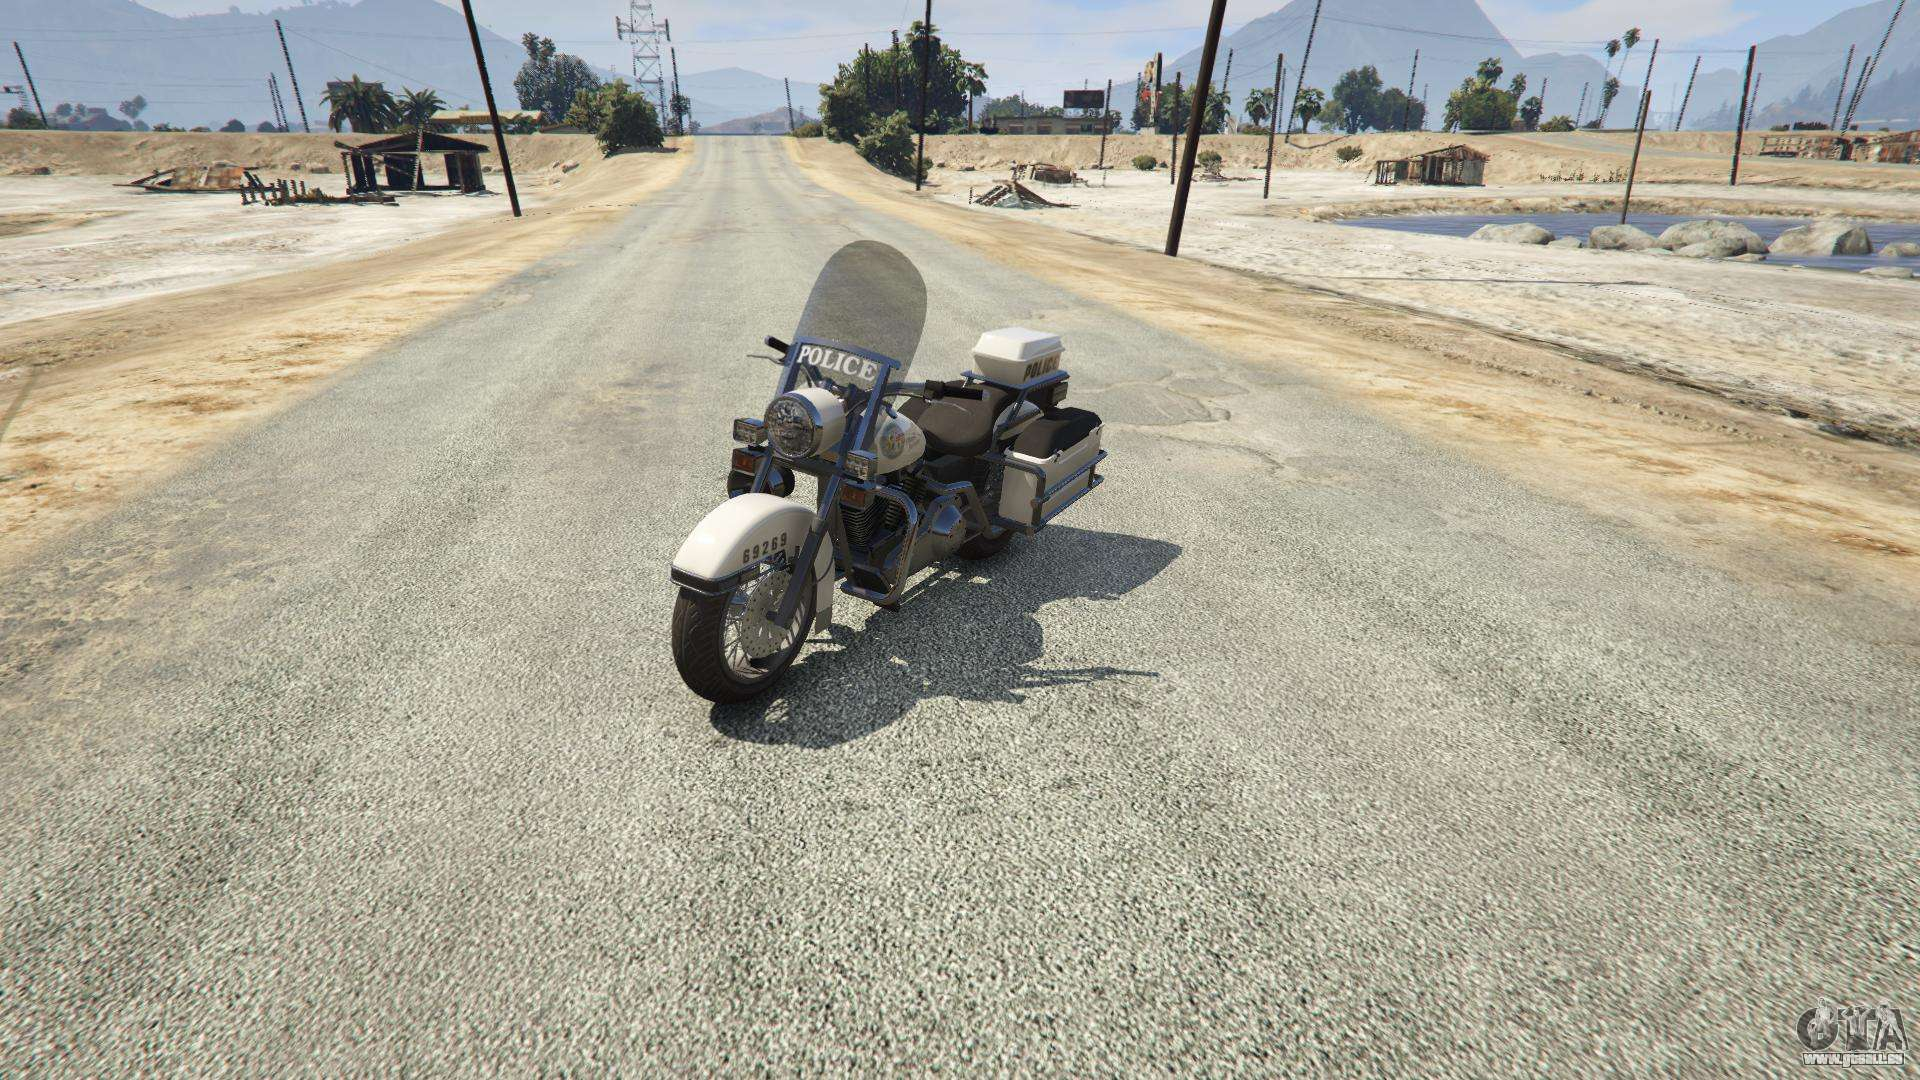 Polizei Fahrrad GTA 5 - Frontansicht